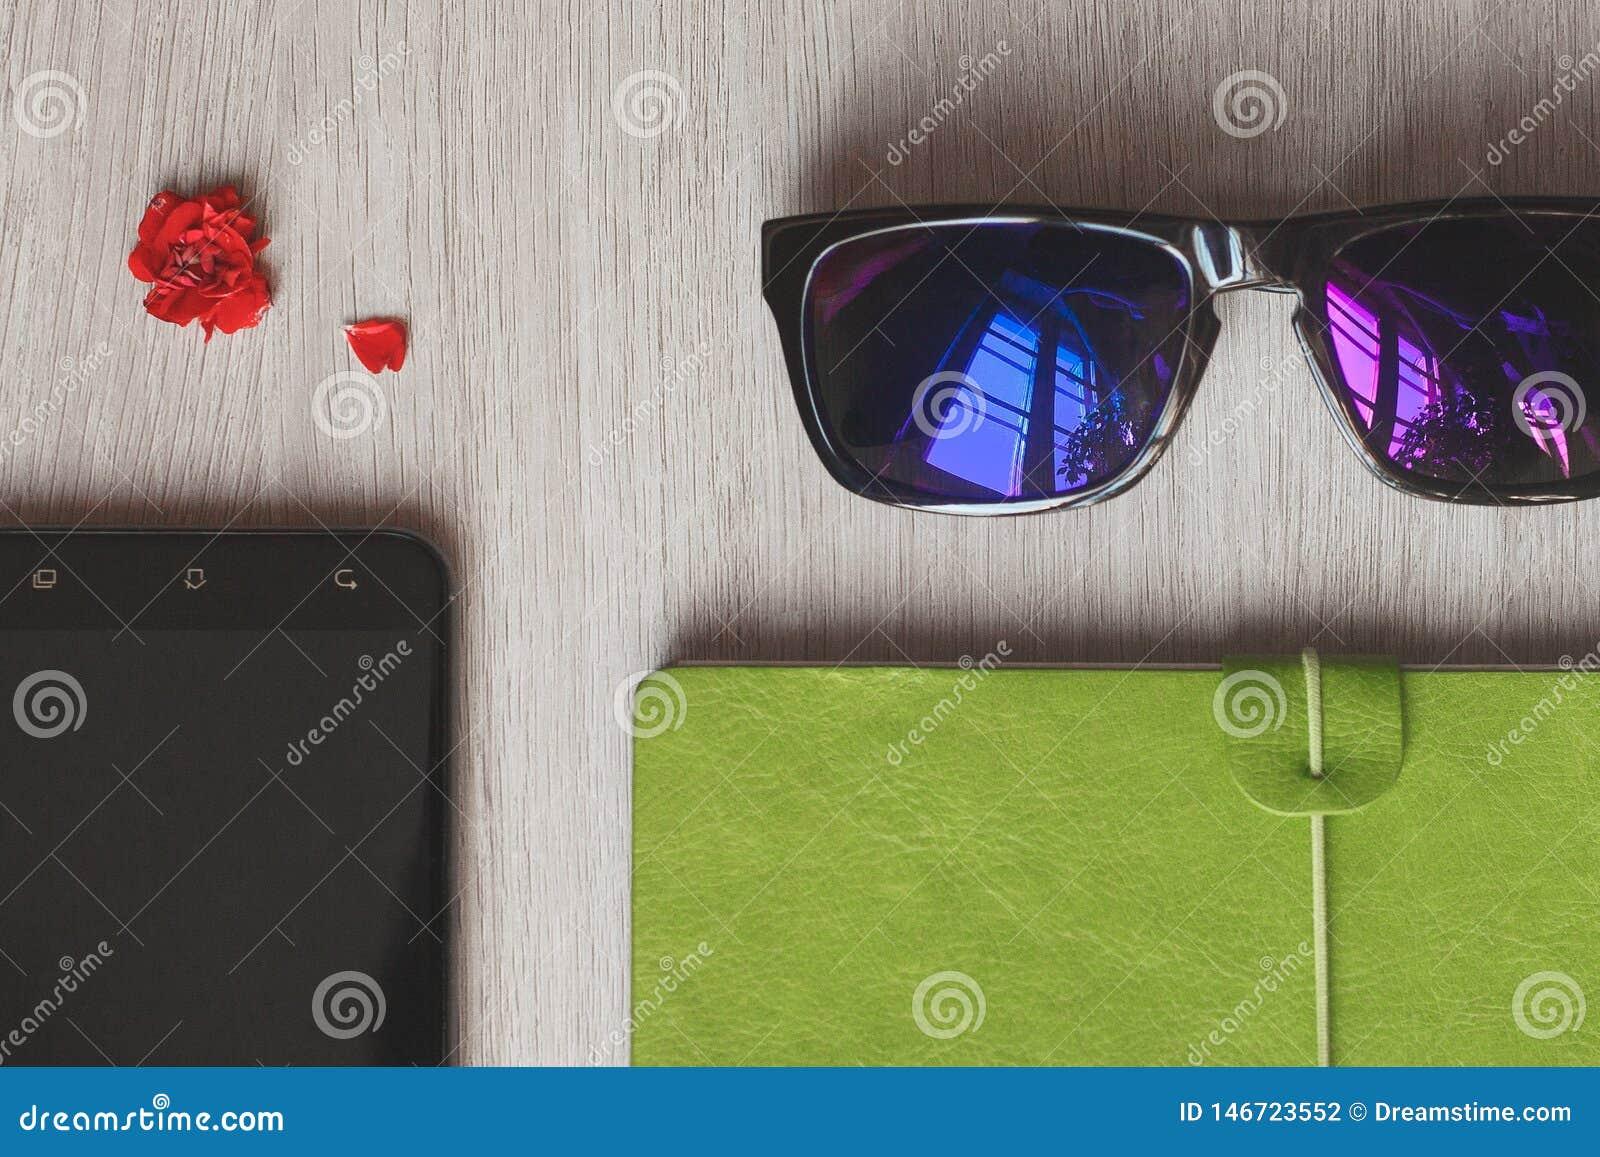 Planificateur de carnet, téléphone portable et sac à main rose de travailleuse active de mode de vie pour des affaires au bureau